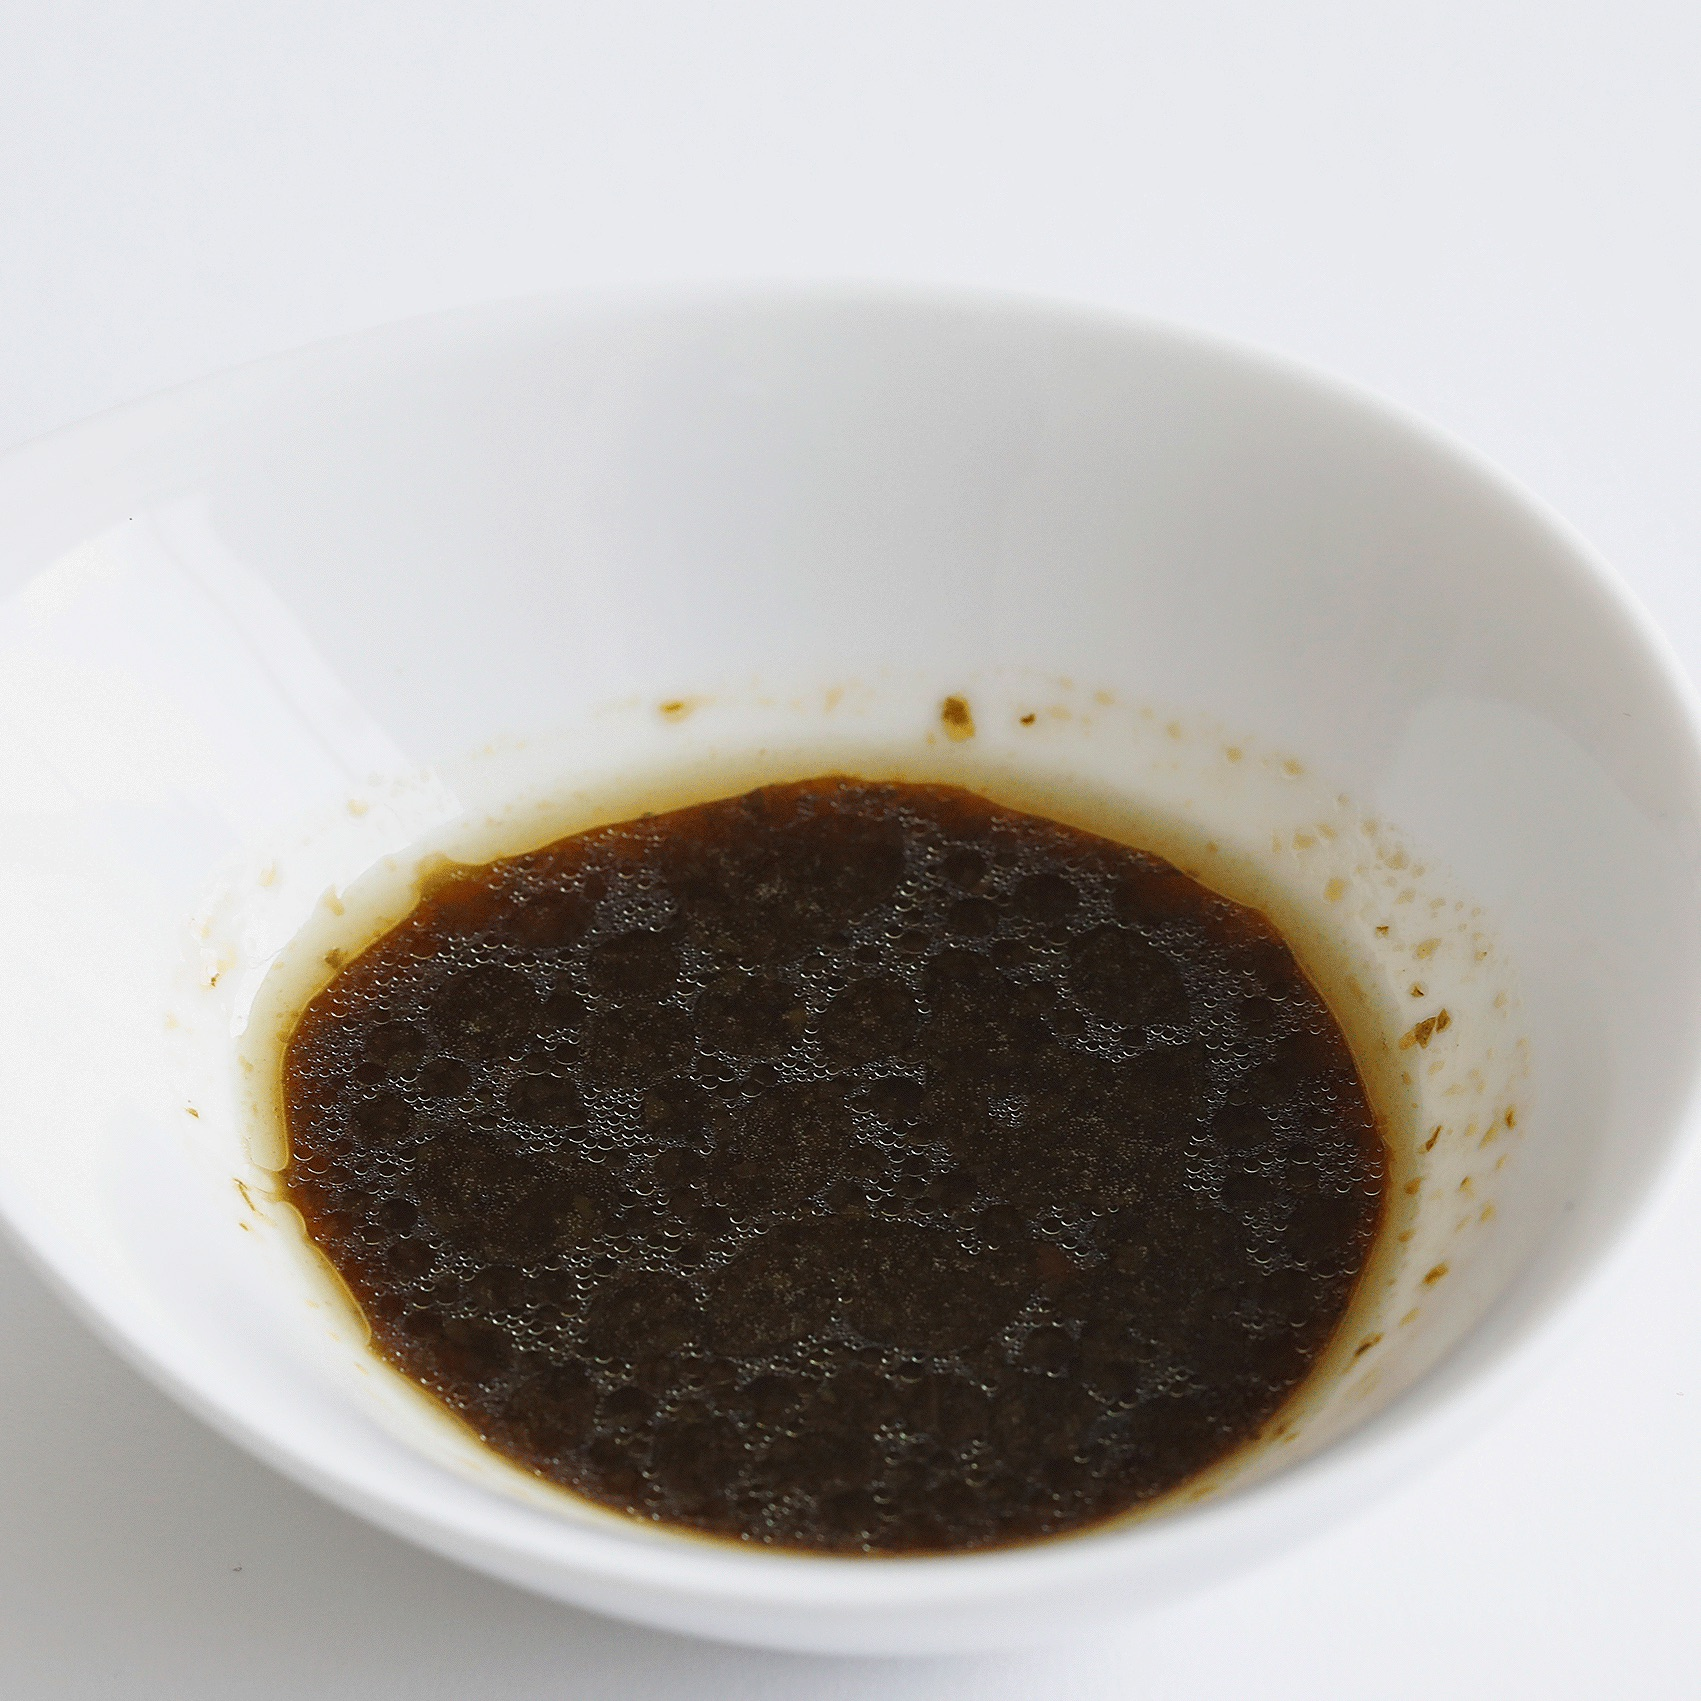 パクチーの食感も感じる醤油を超えたエスニックソースのような味わい。